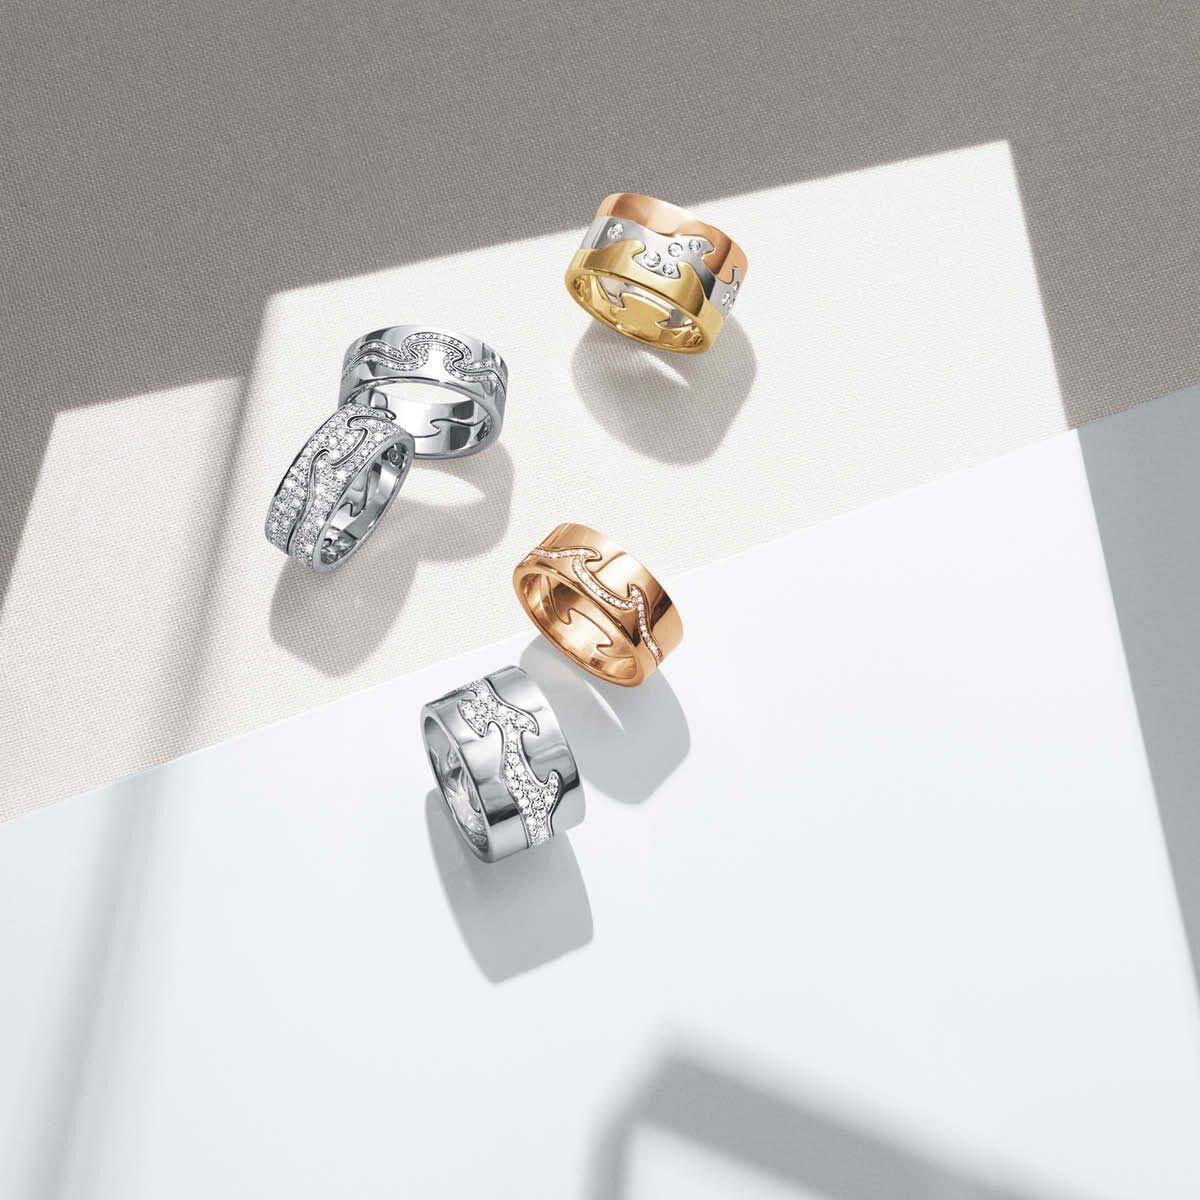 FUSION イヤークリップ  – K18 ホワイトゴールド + パヴェダイヤモンド